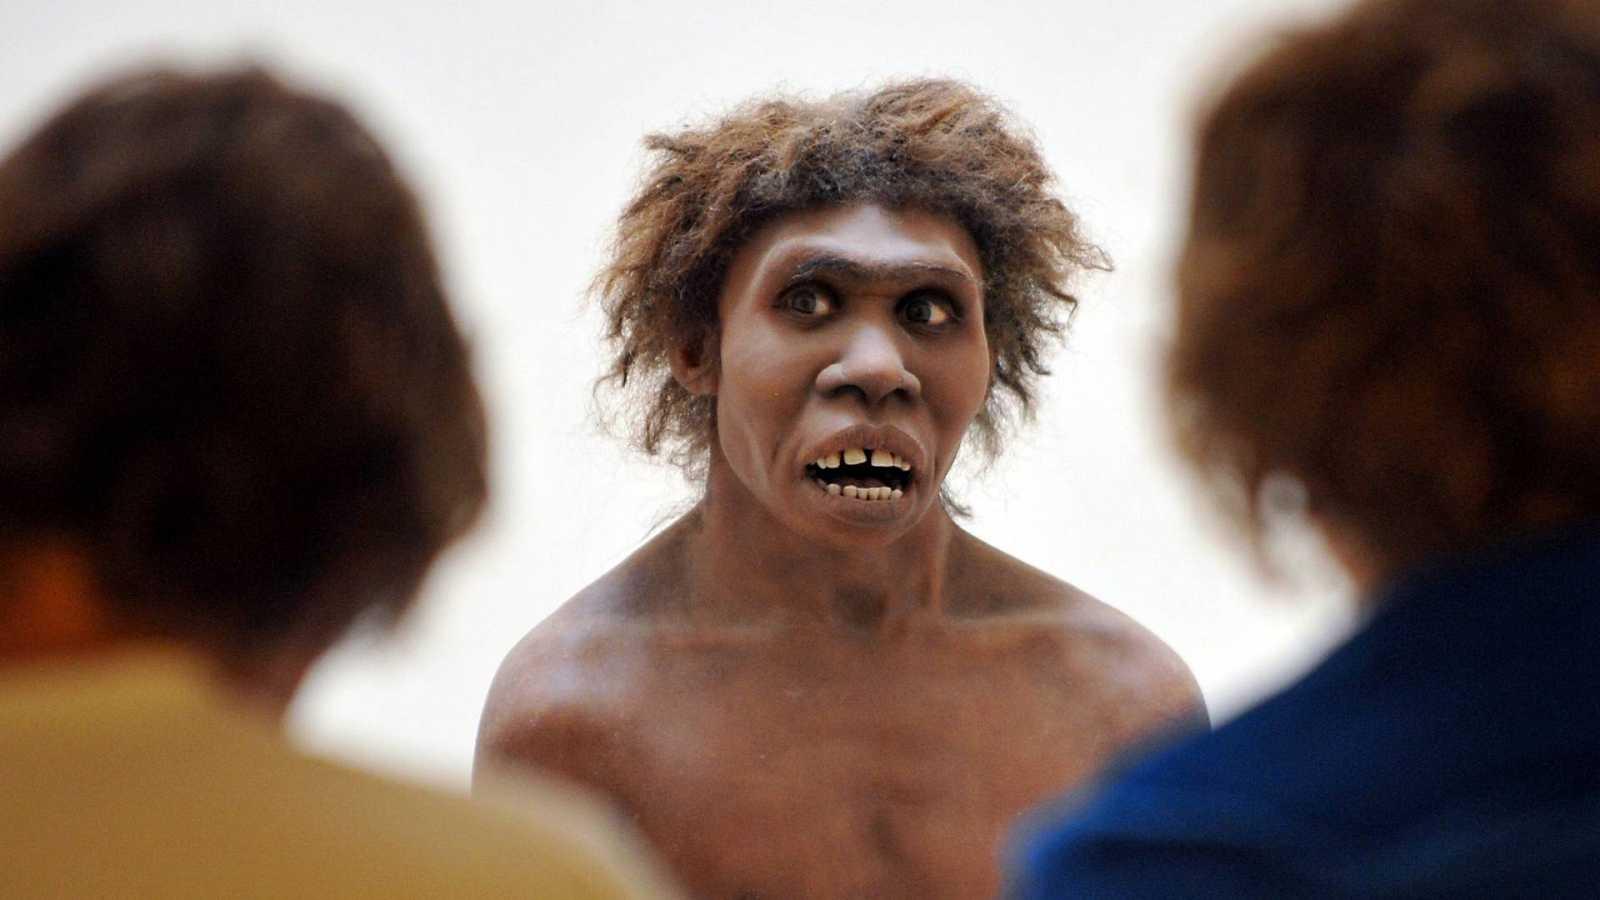 Retos científicos para el 2030; los neandertales hablaban; neurociencia y derechos humanos; el mes de las matemáticas; hidrógeno, el primer elemento; Graciela Salicrup - Escuchar ahora